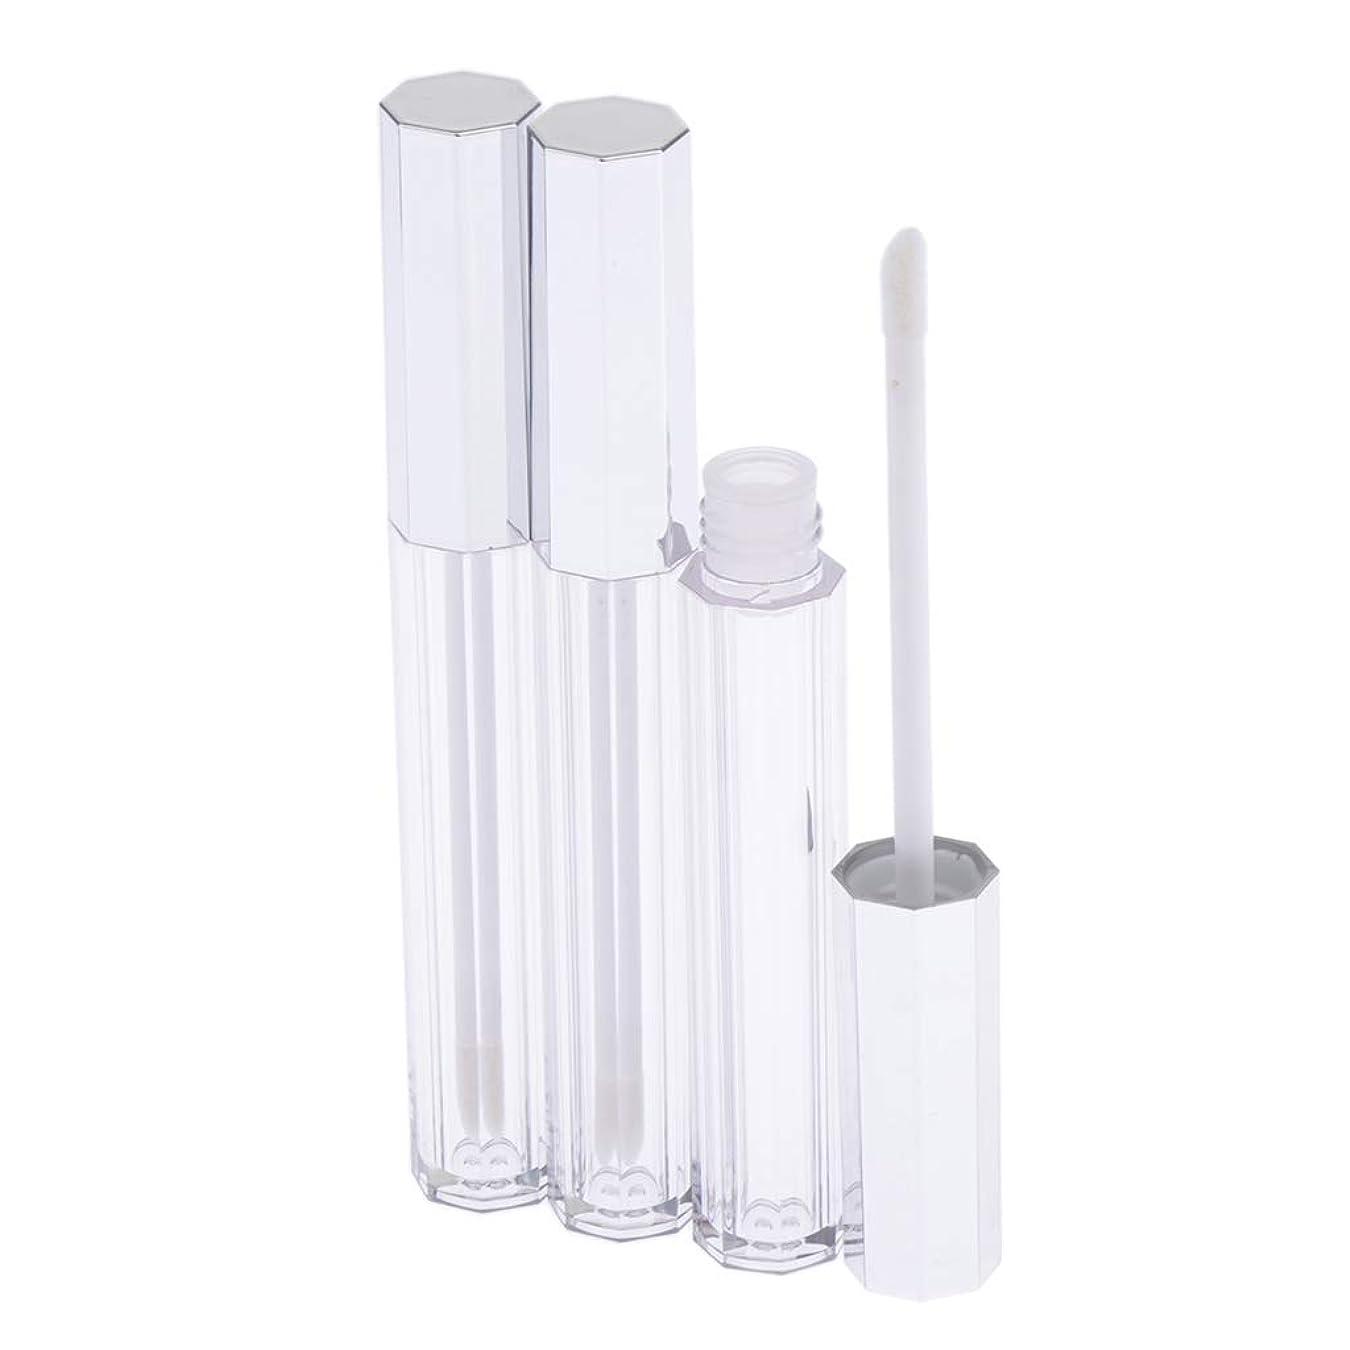 辞書嘆願村リップグロス 容器 チューブ クリア リップスティックチューブ プラスチック 5ml 3個セット